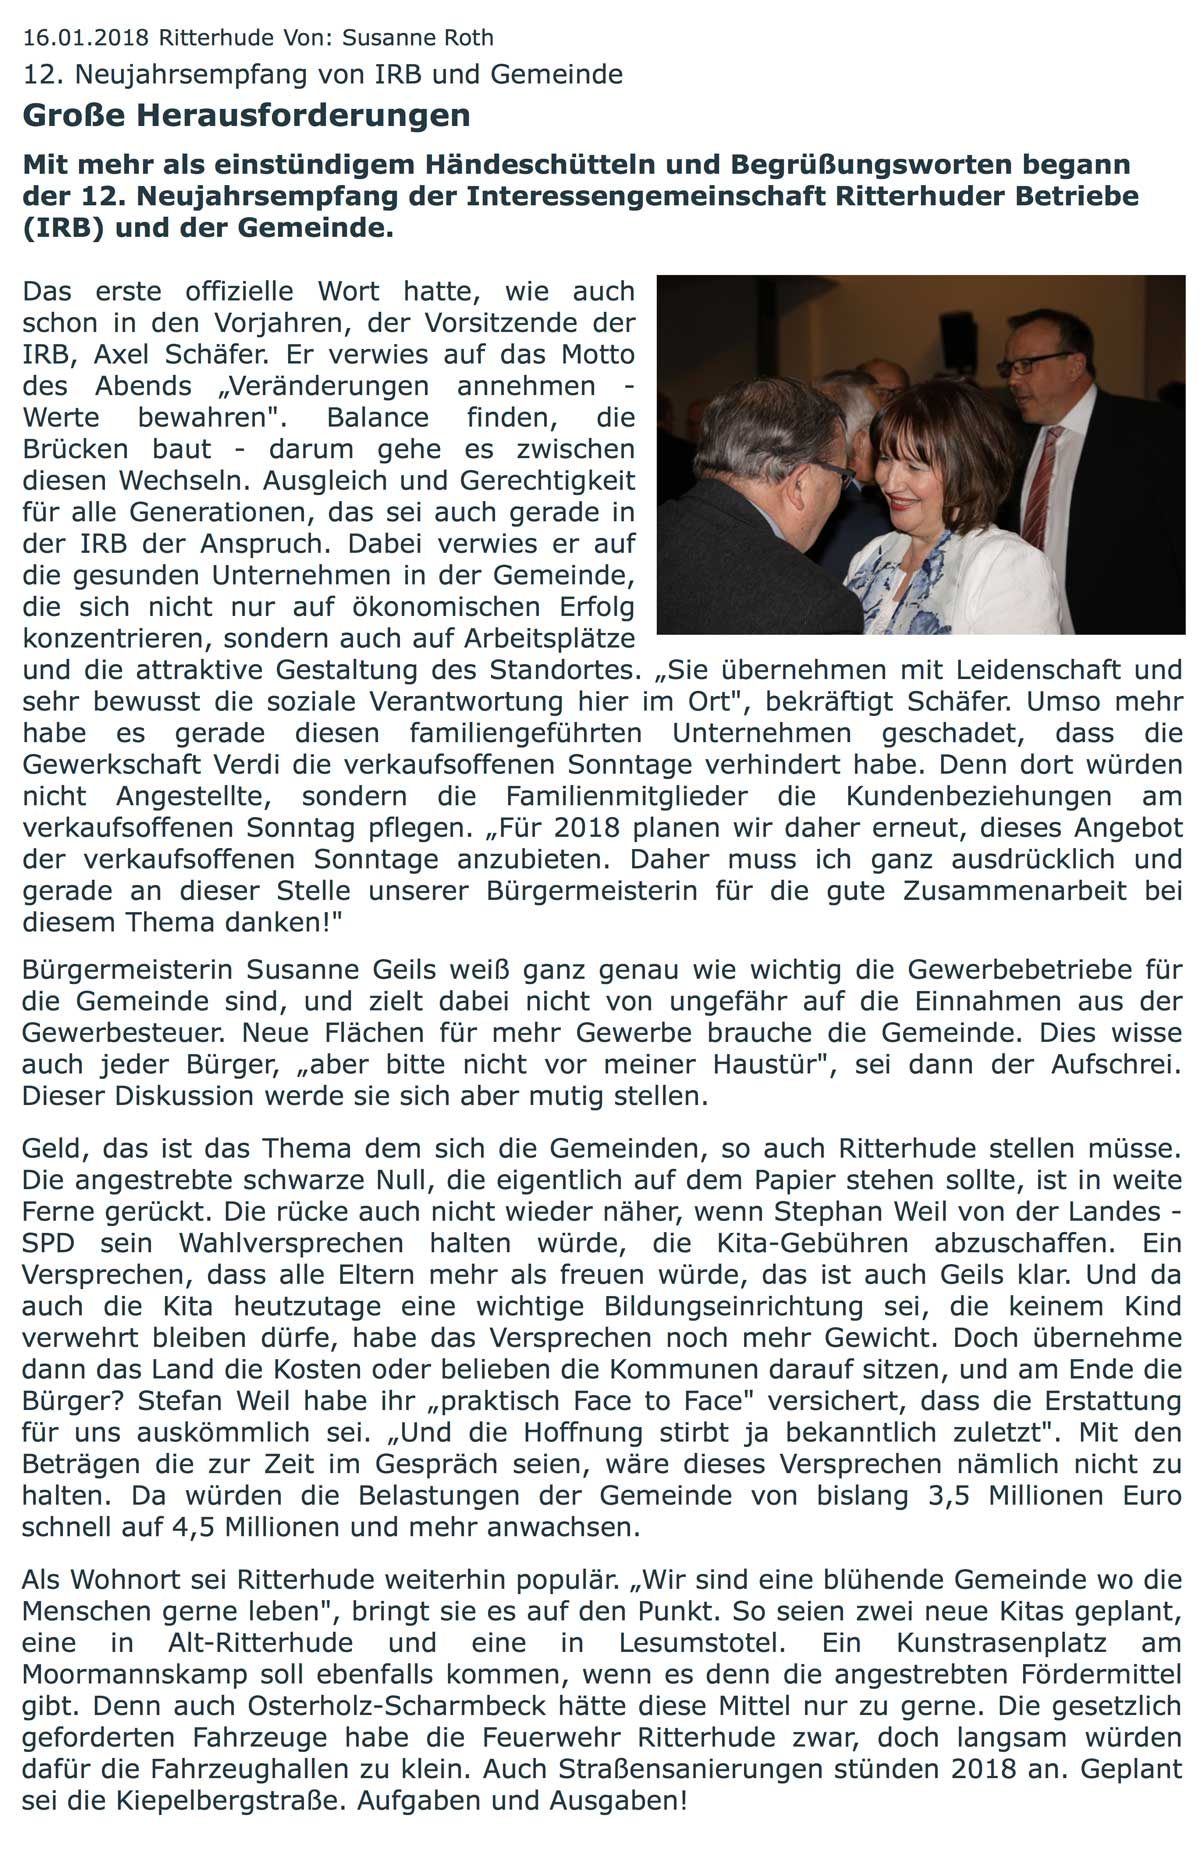 IRB Ritterhude: Presseartikel